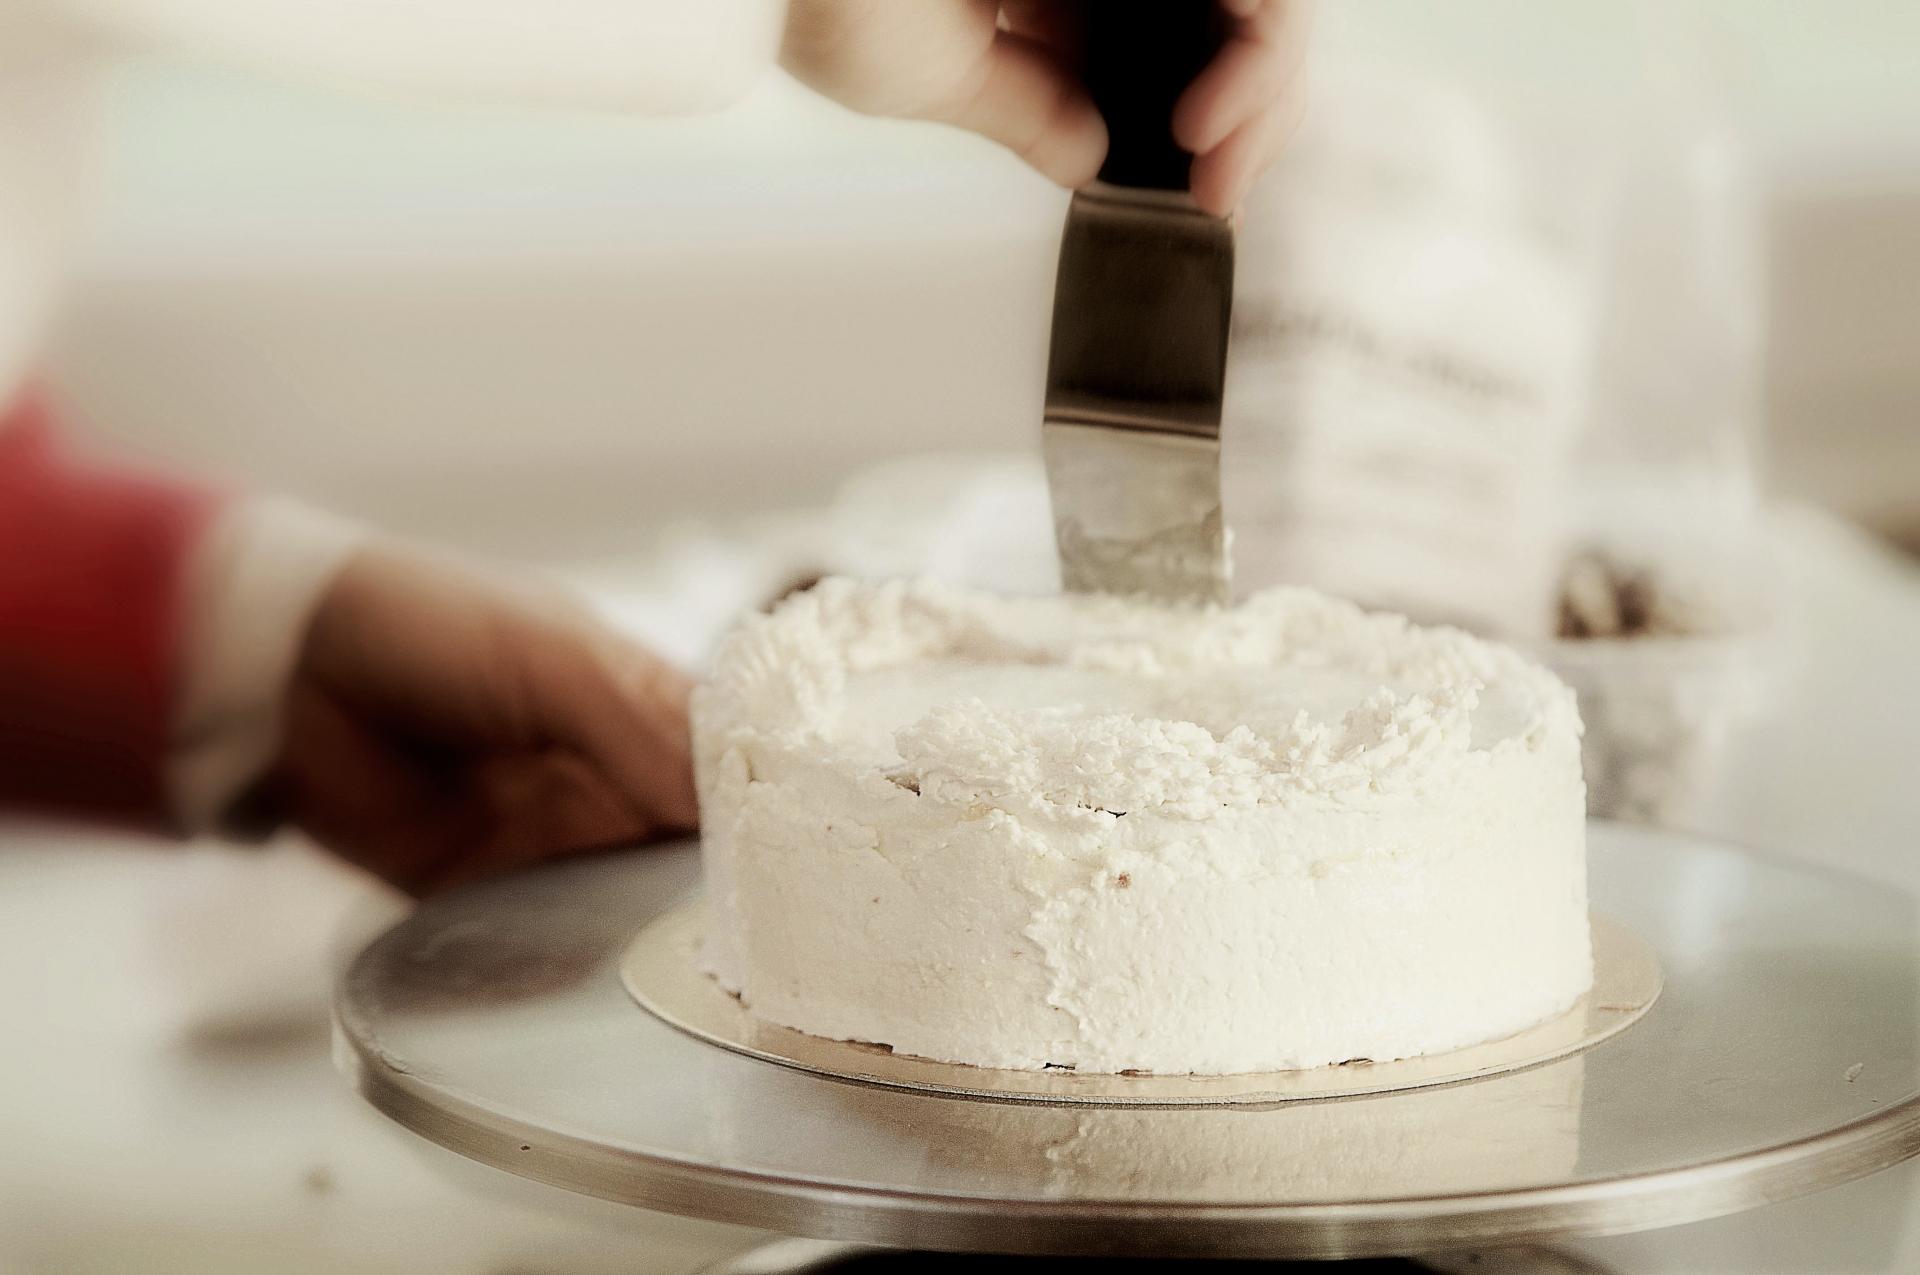 ケーキ回転台のおすすめ5選&選び方【大理石、ステンレス製も】